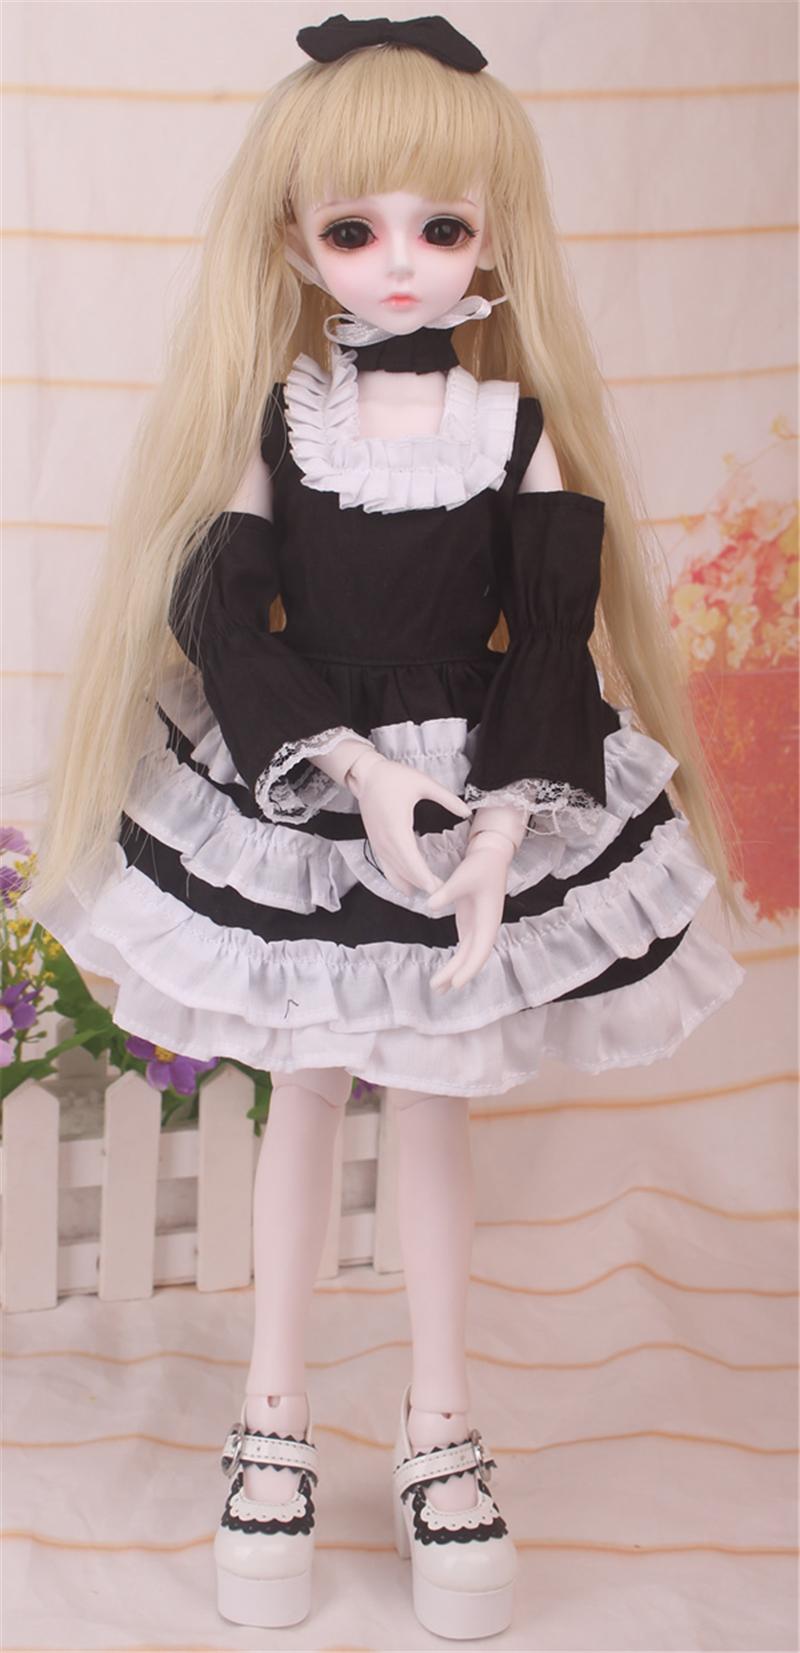 ドール衣装 黒白洋服 スカート BJD衣装 1/4 サイズが注文できる製品図2